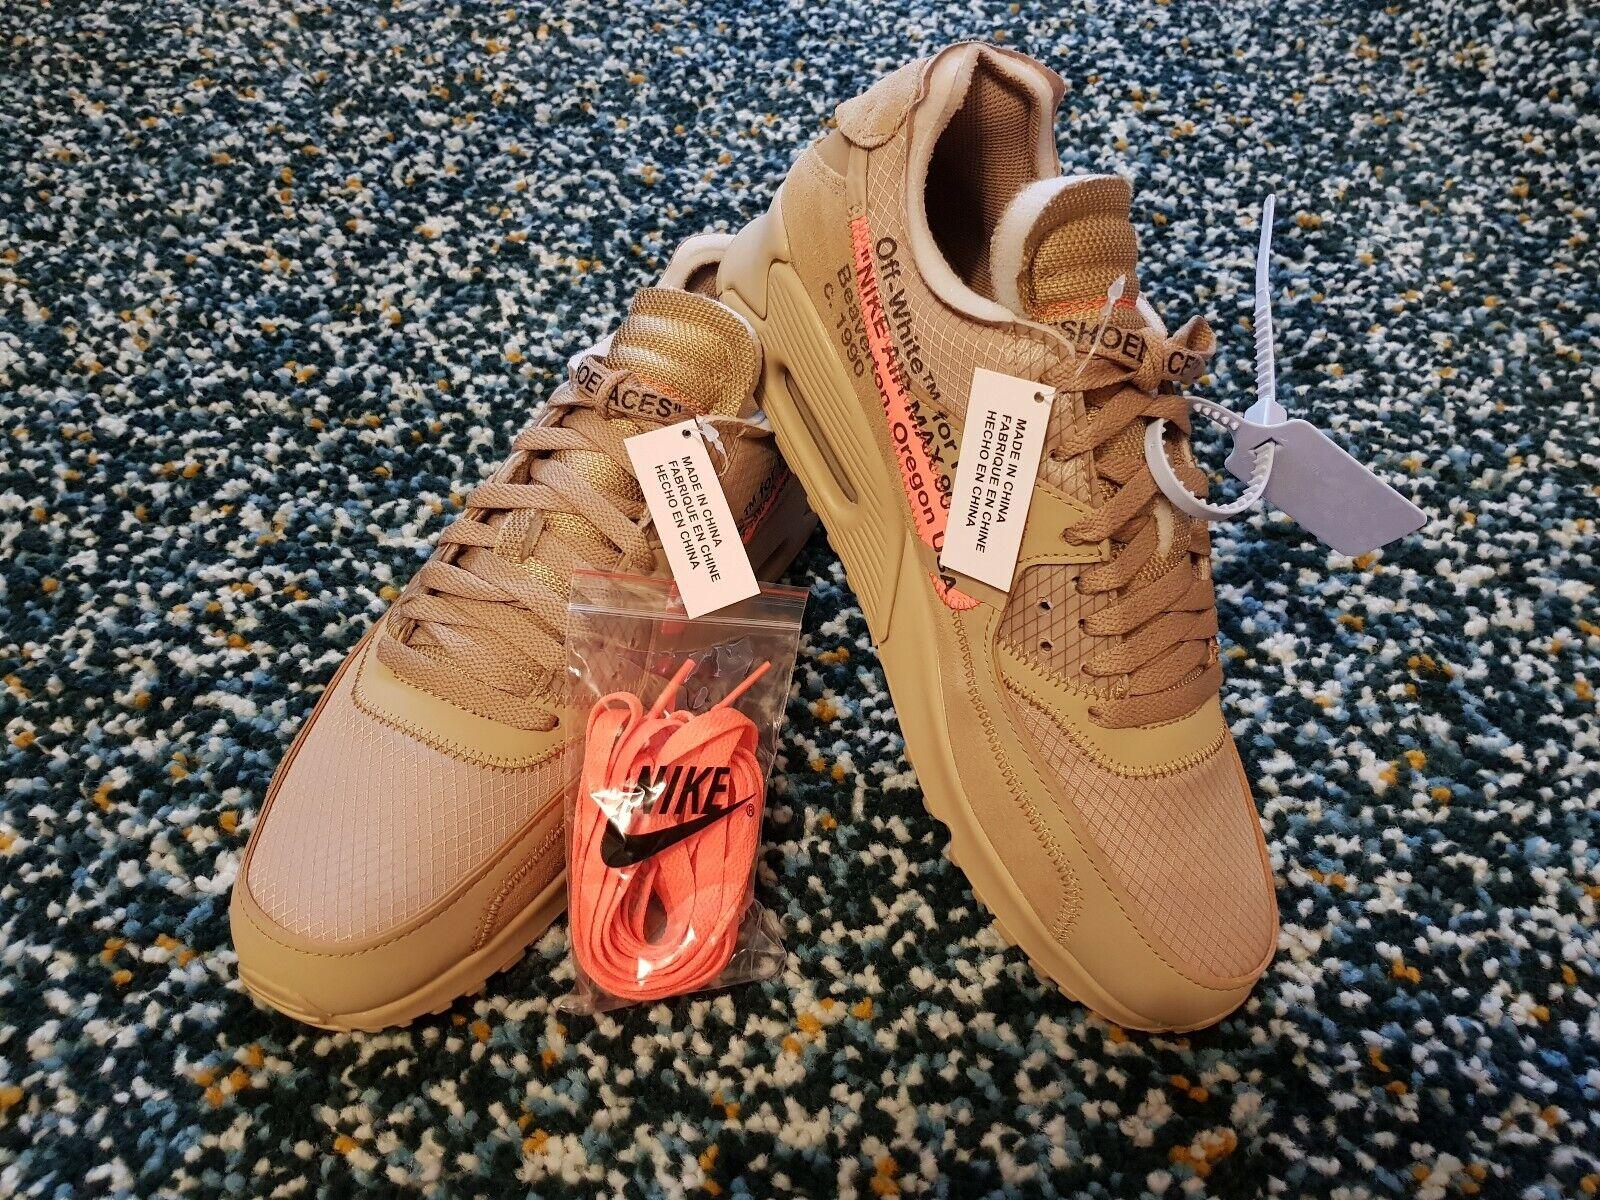 Nike x Off-White Air Max 90 Desert Ore UK9.5 Virgil Abloh The Ten Limited Last